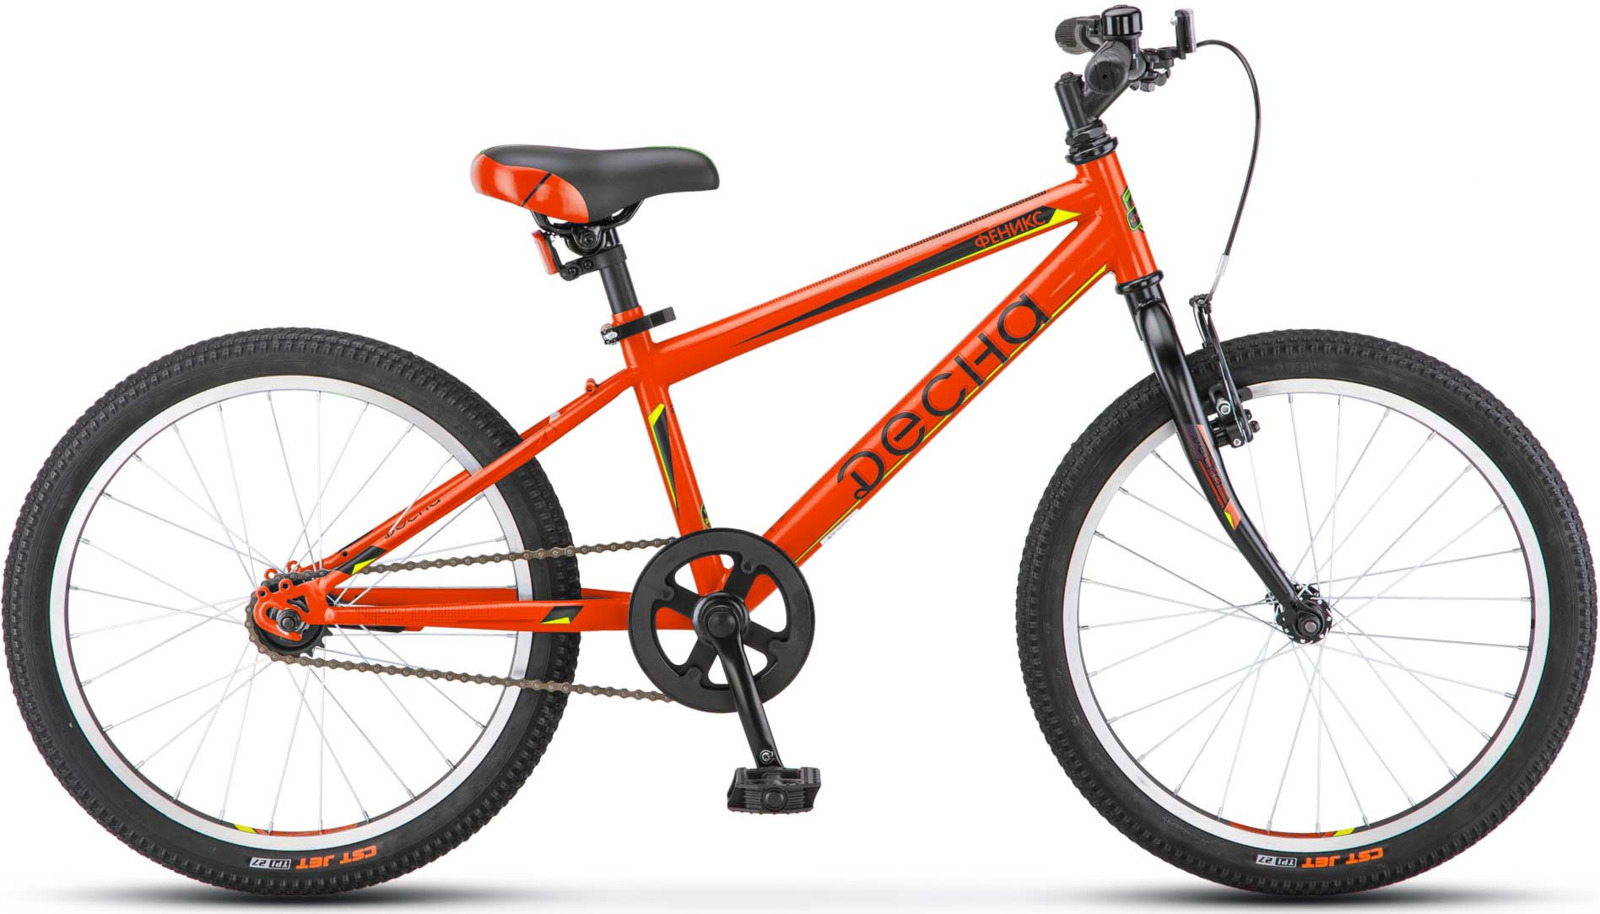 Велосипед Stels Десна Феникс 11, KUBC0045612017, оранжевый